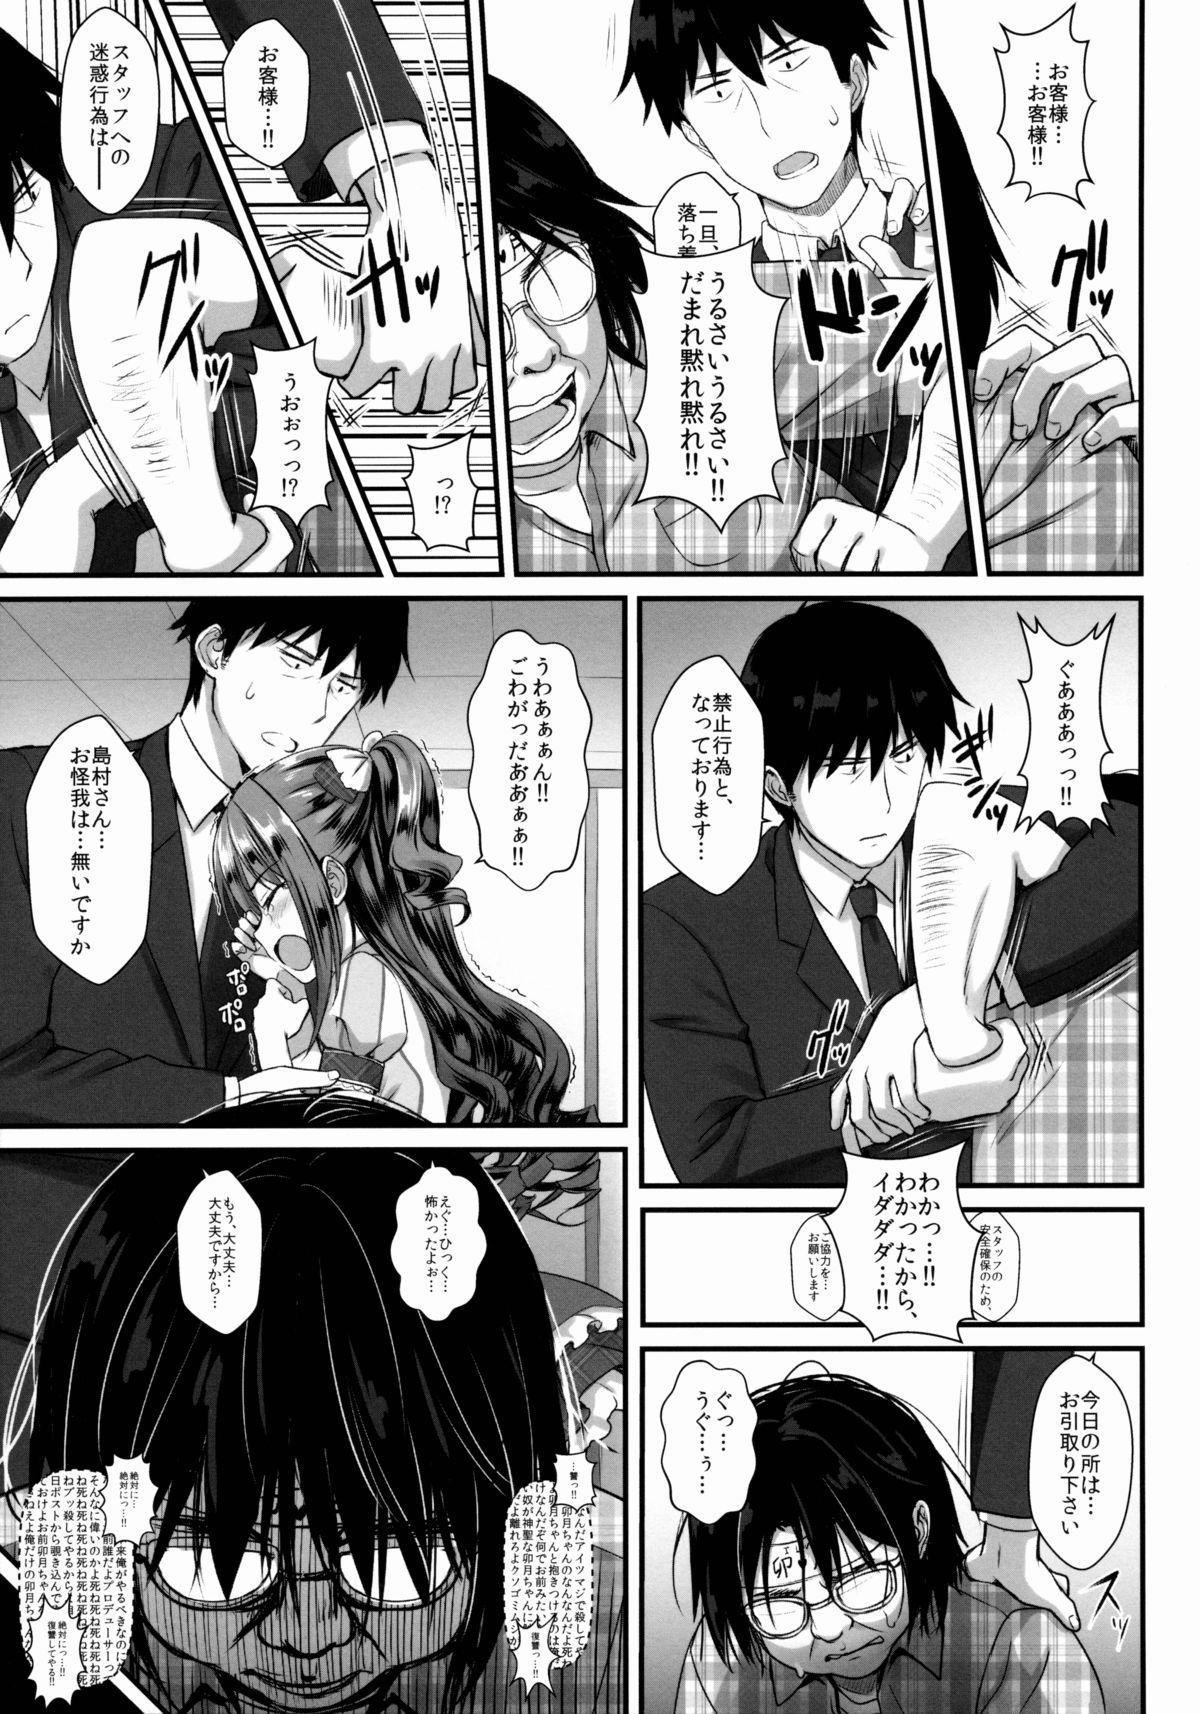 Uzuki-chan no Suimin Kaihatsu 3